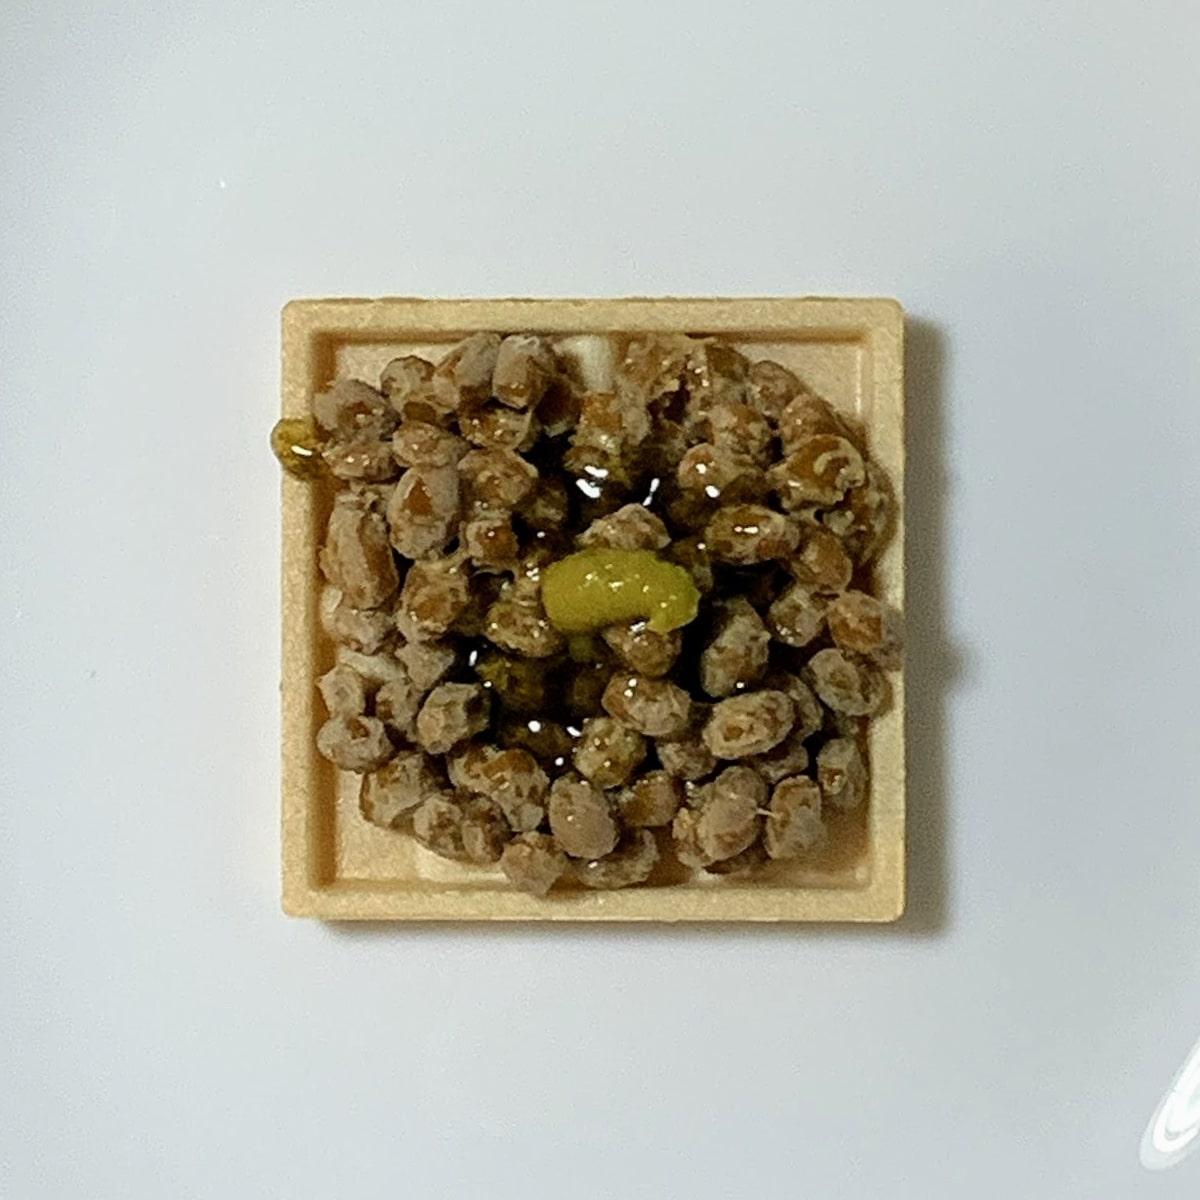 「もなか納豆」にわさびも入れた画像